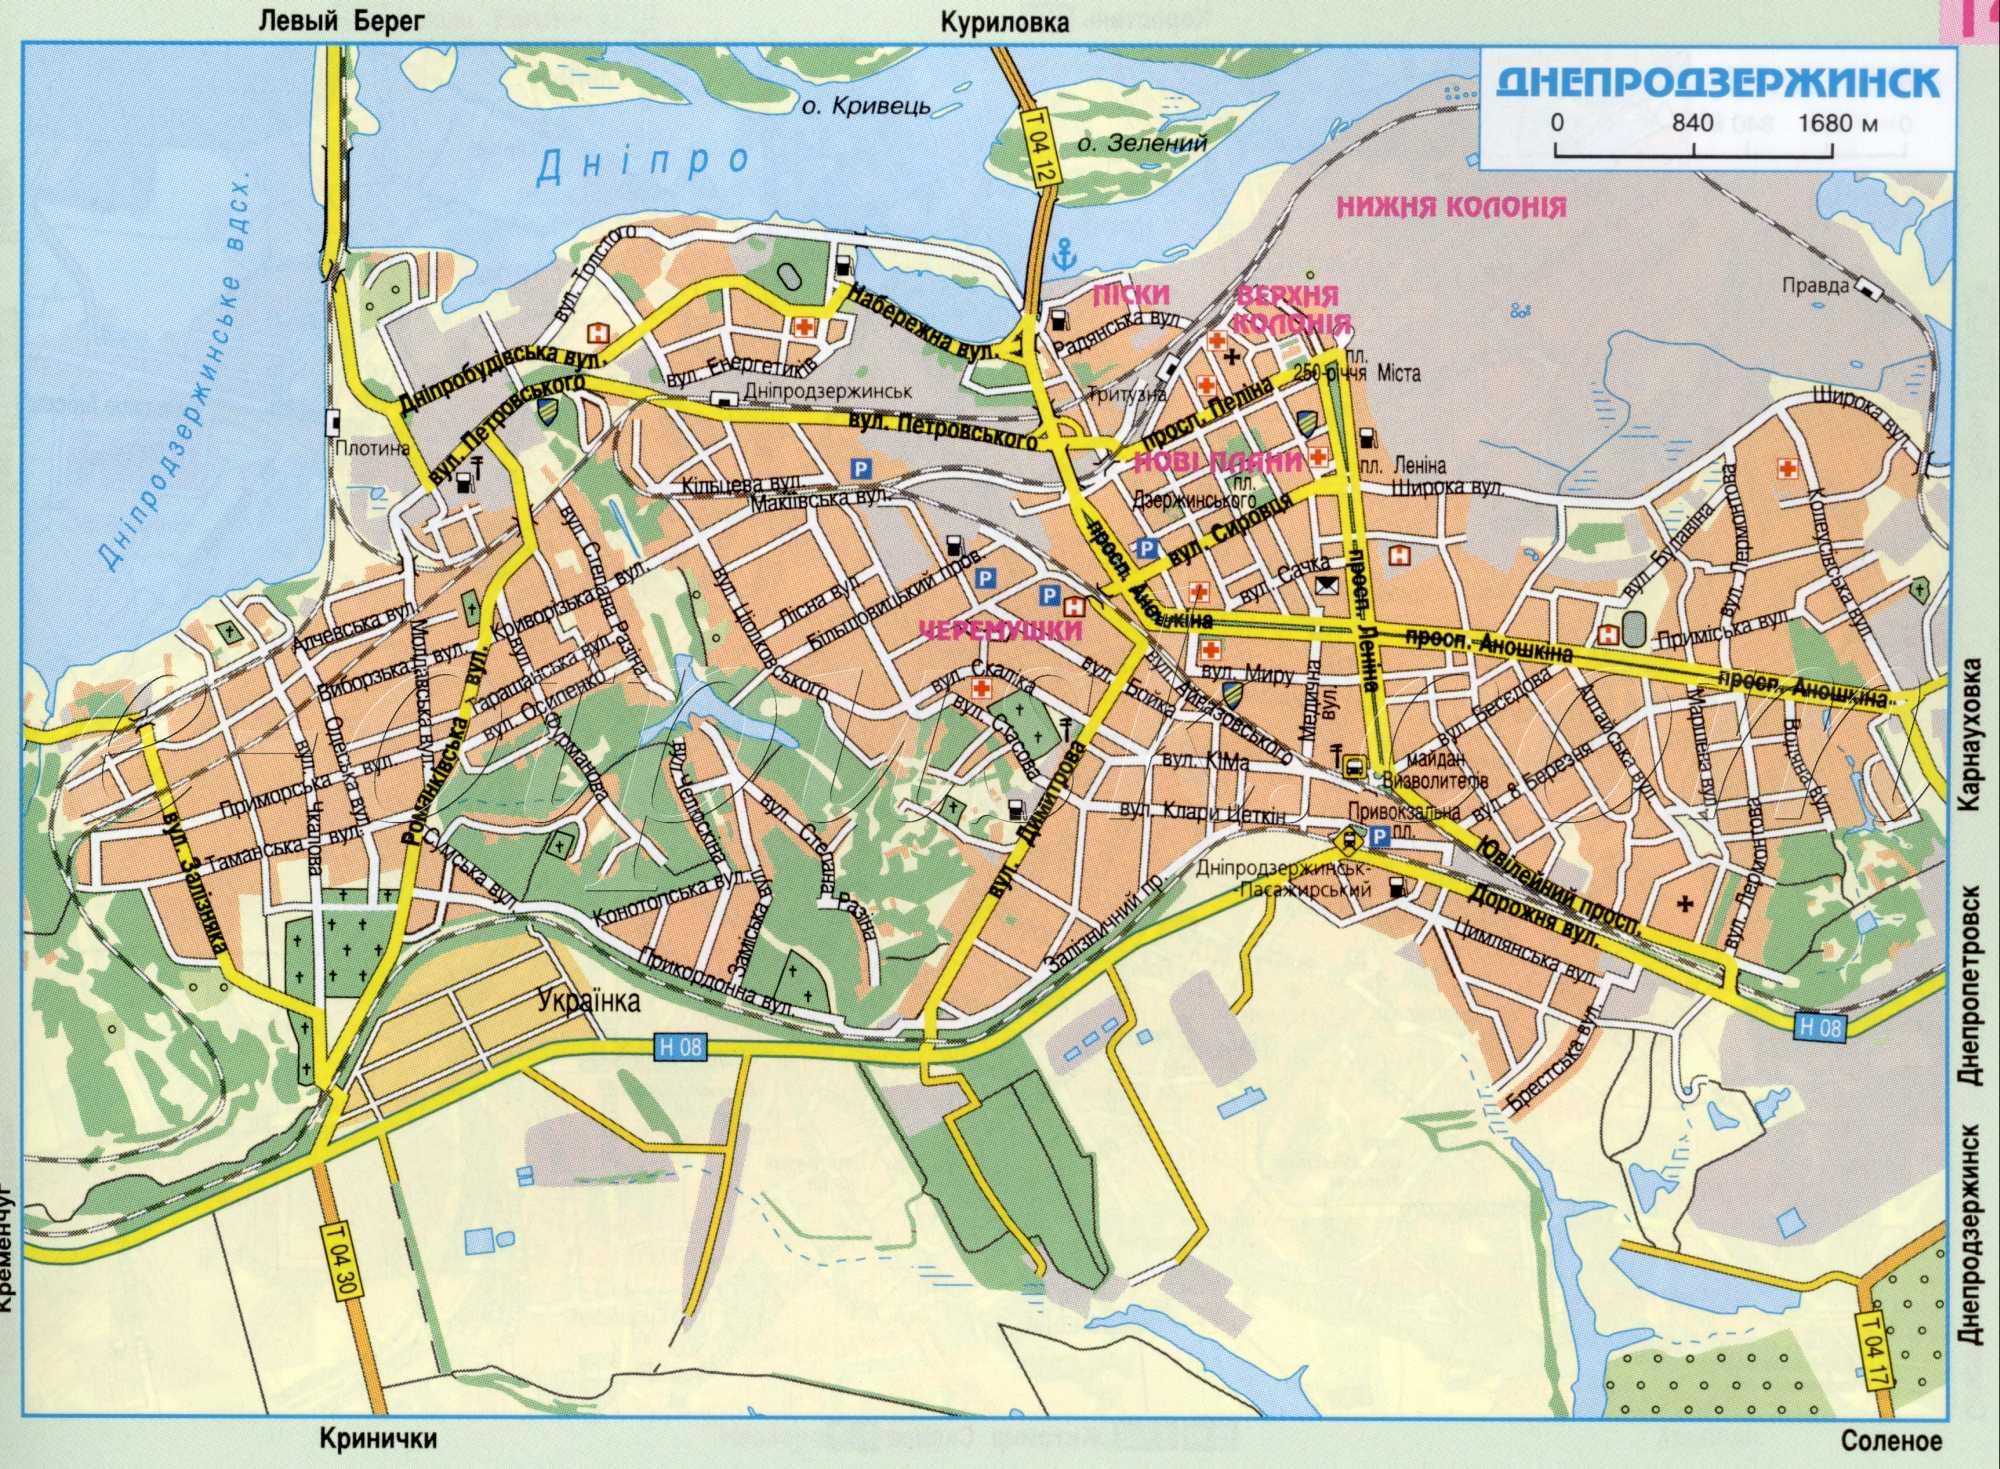 Карта города Днепродзержинск